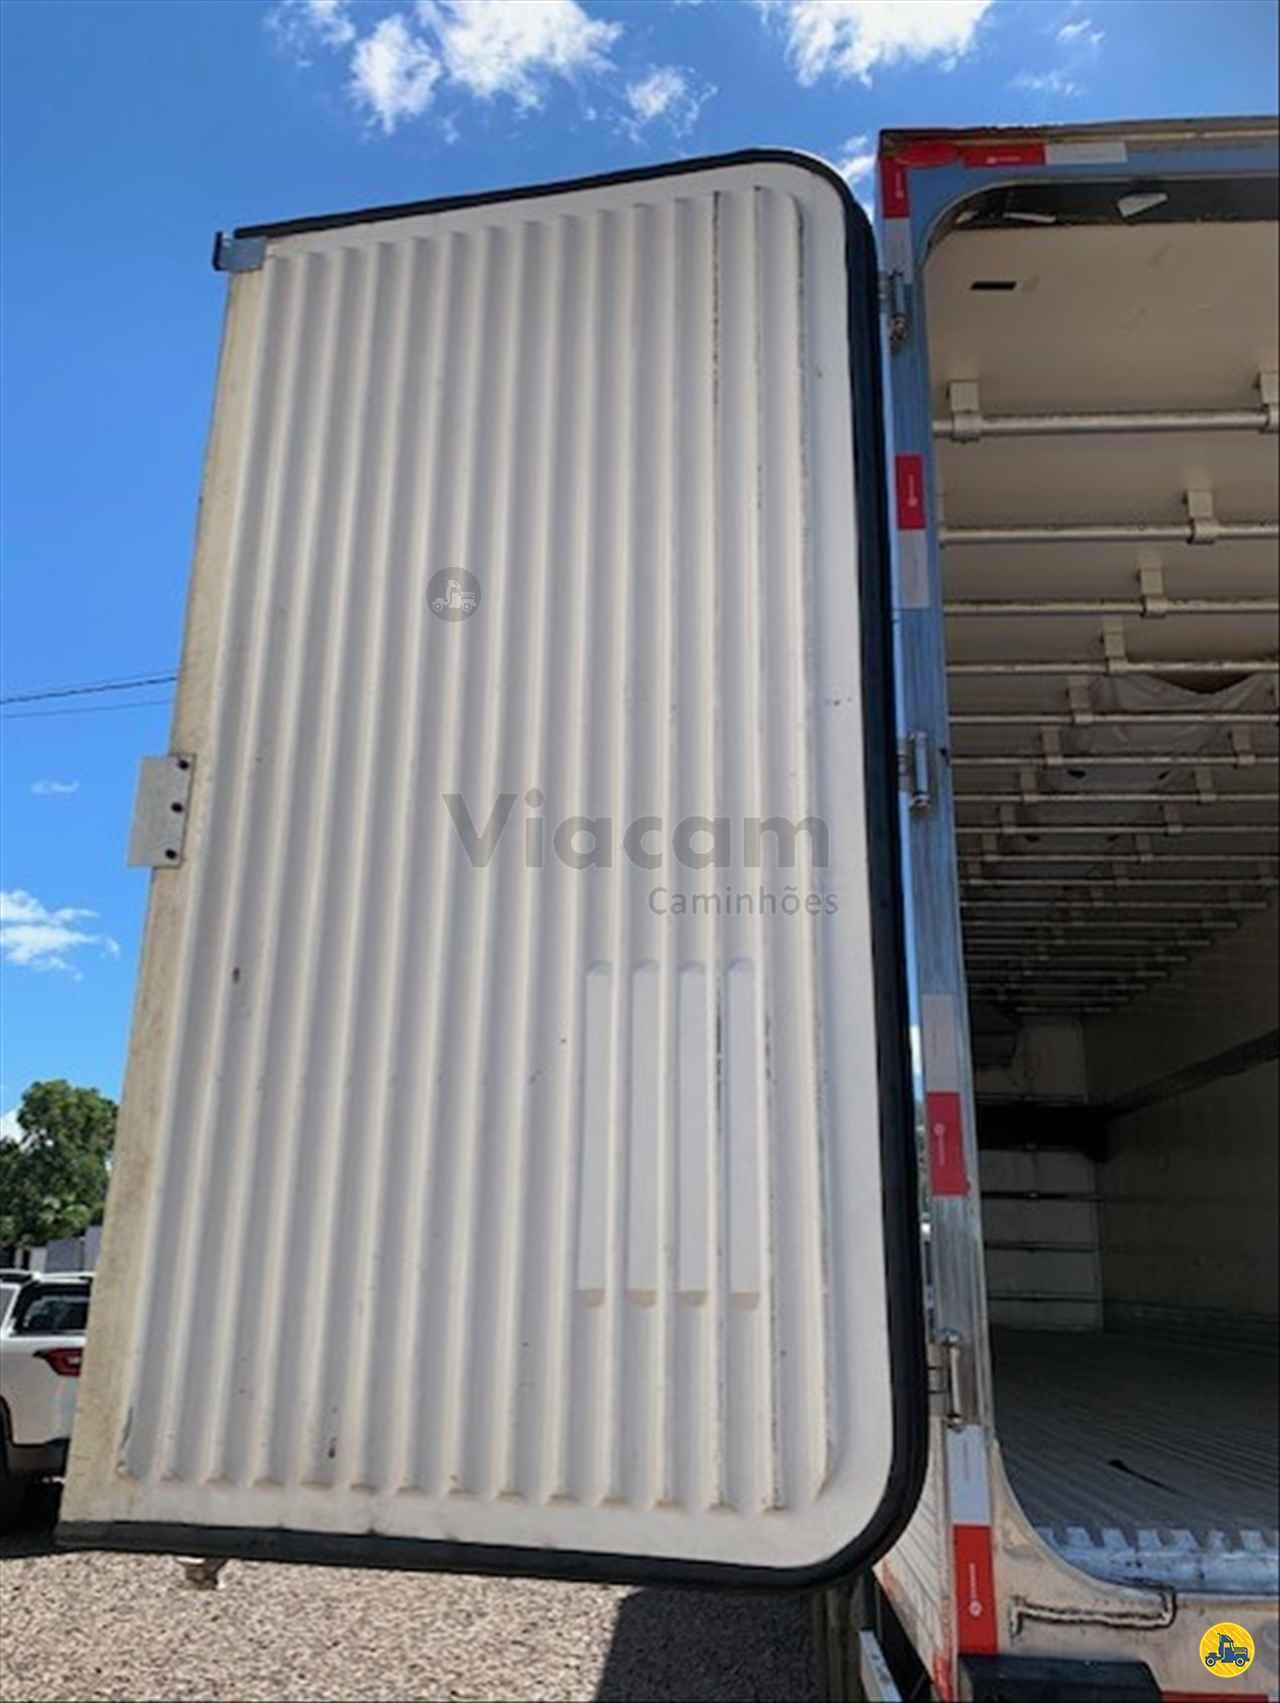 TRUCK BAU FRIGORIFICO 1km 2012 Viacam Caminhões